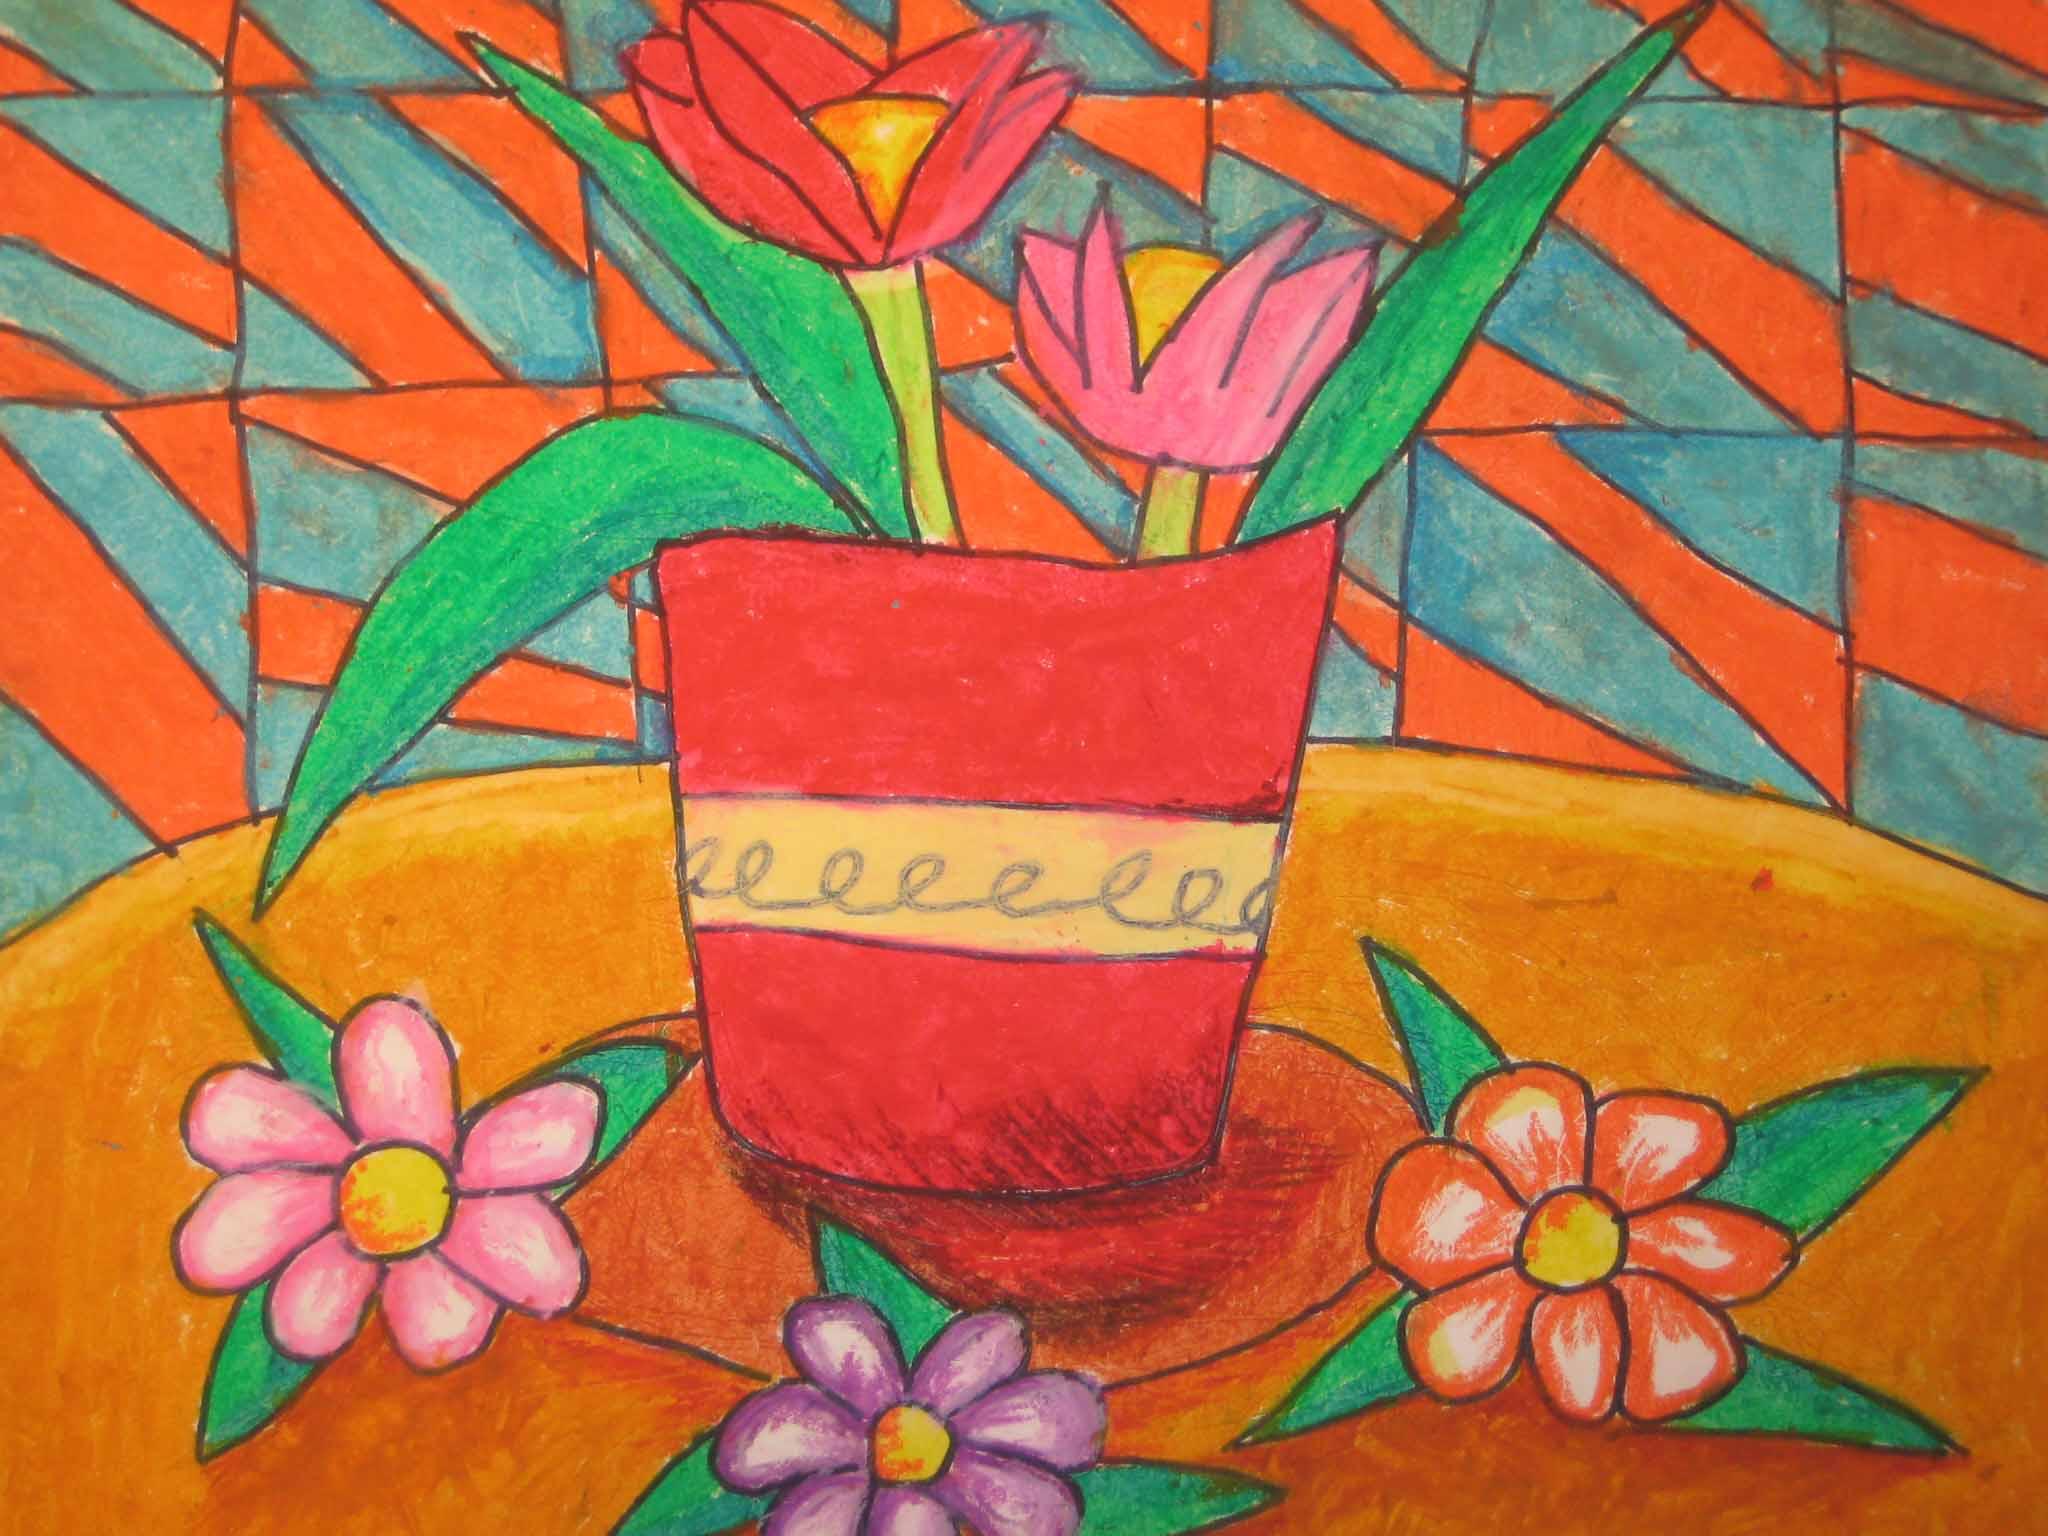 油彩笔画-花 - 一张白纸上可以绘出最美丽的画 - 杭州